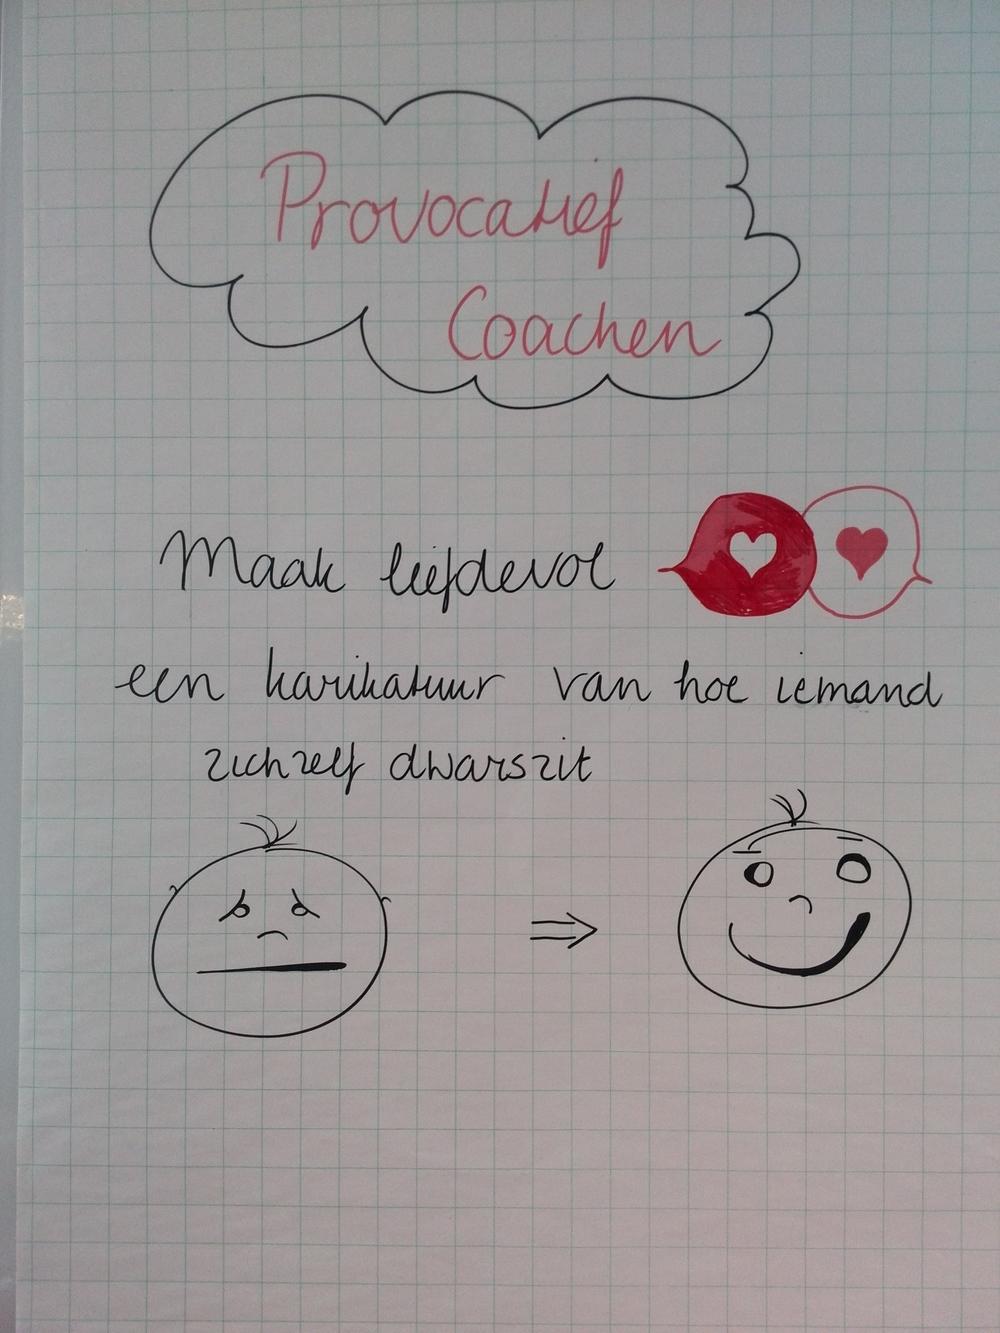 Opleiding provocatief coach door Veldl